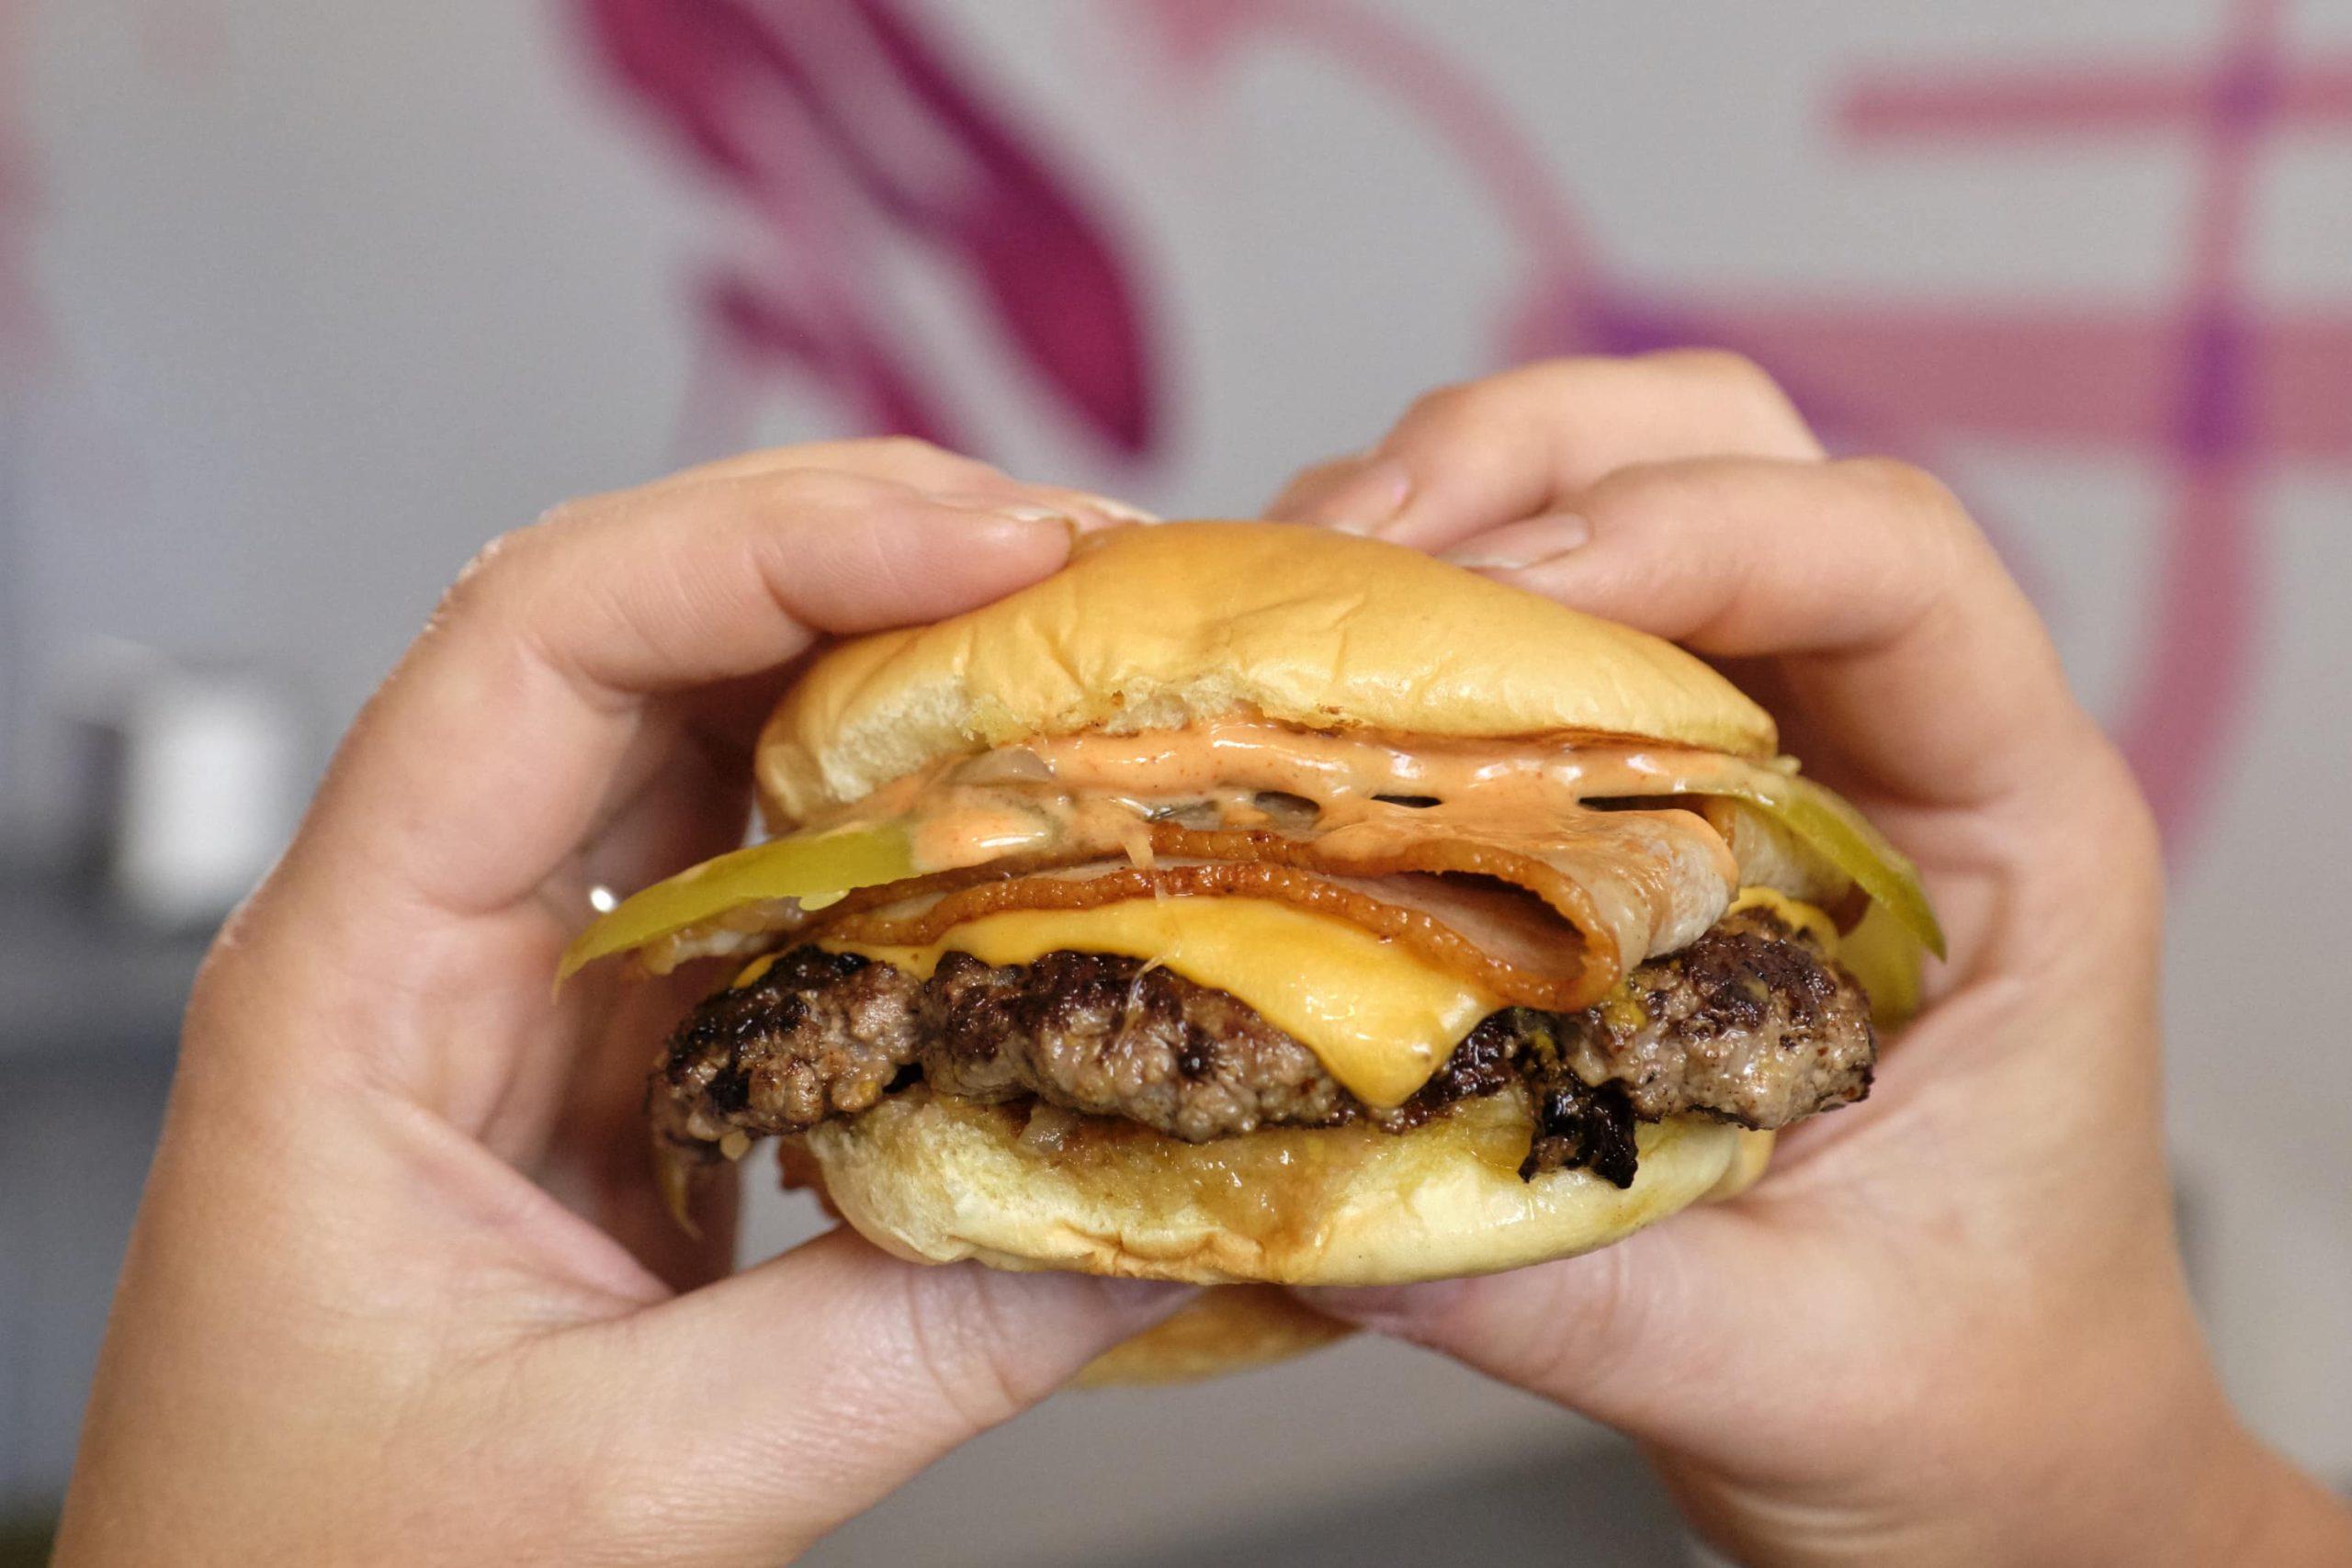 Upperhand Burgers Opens in Swanbourne